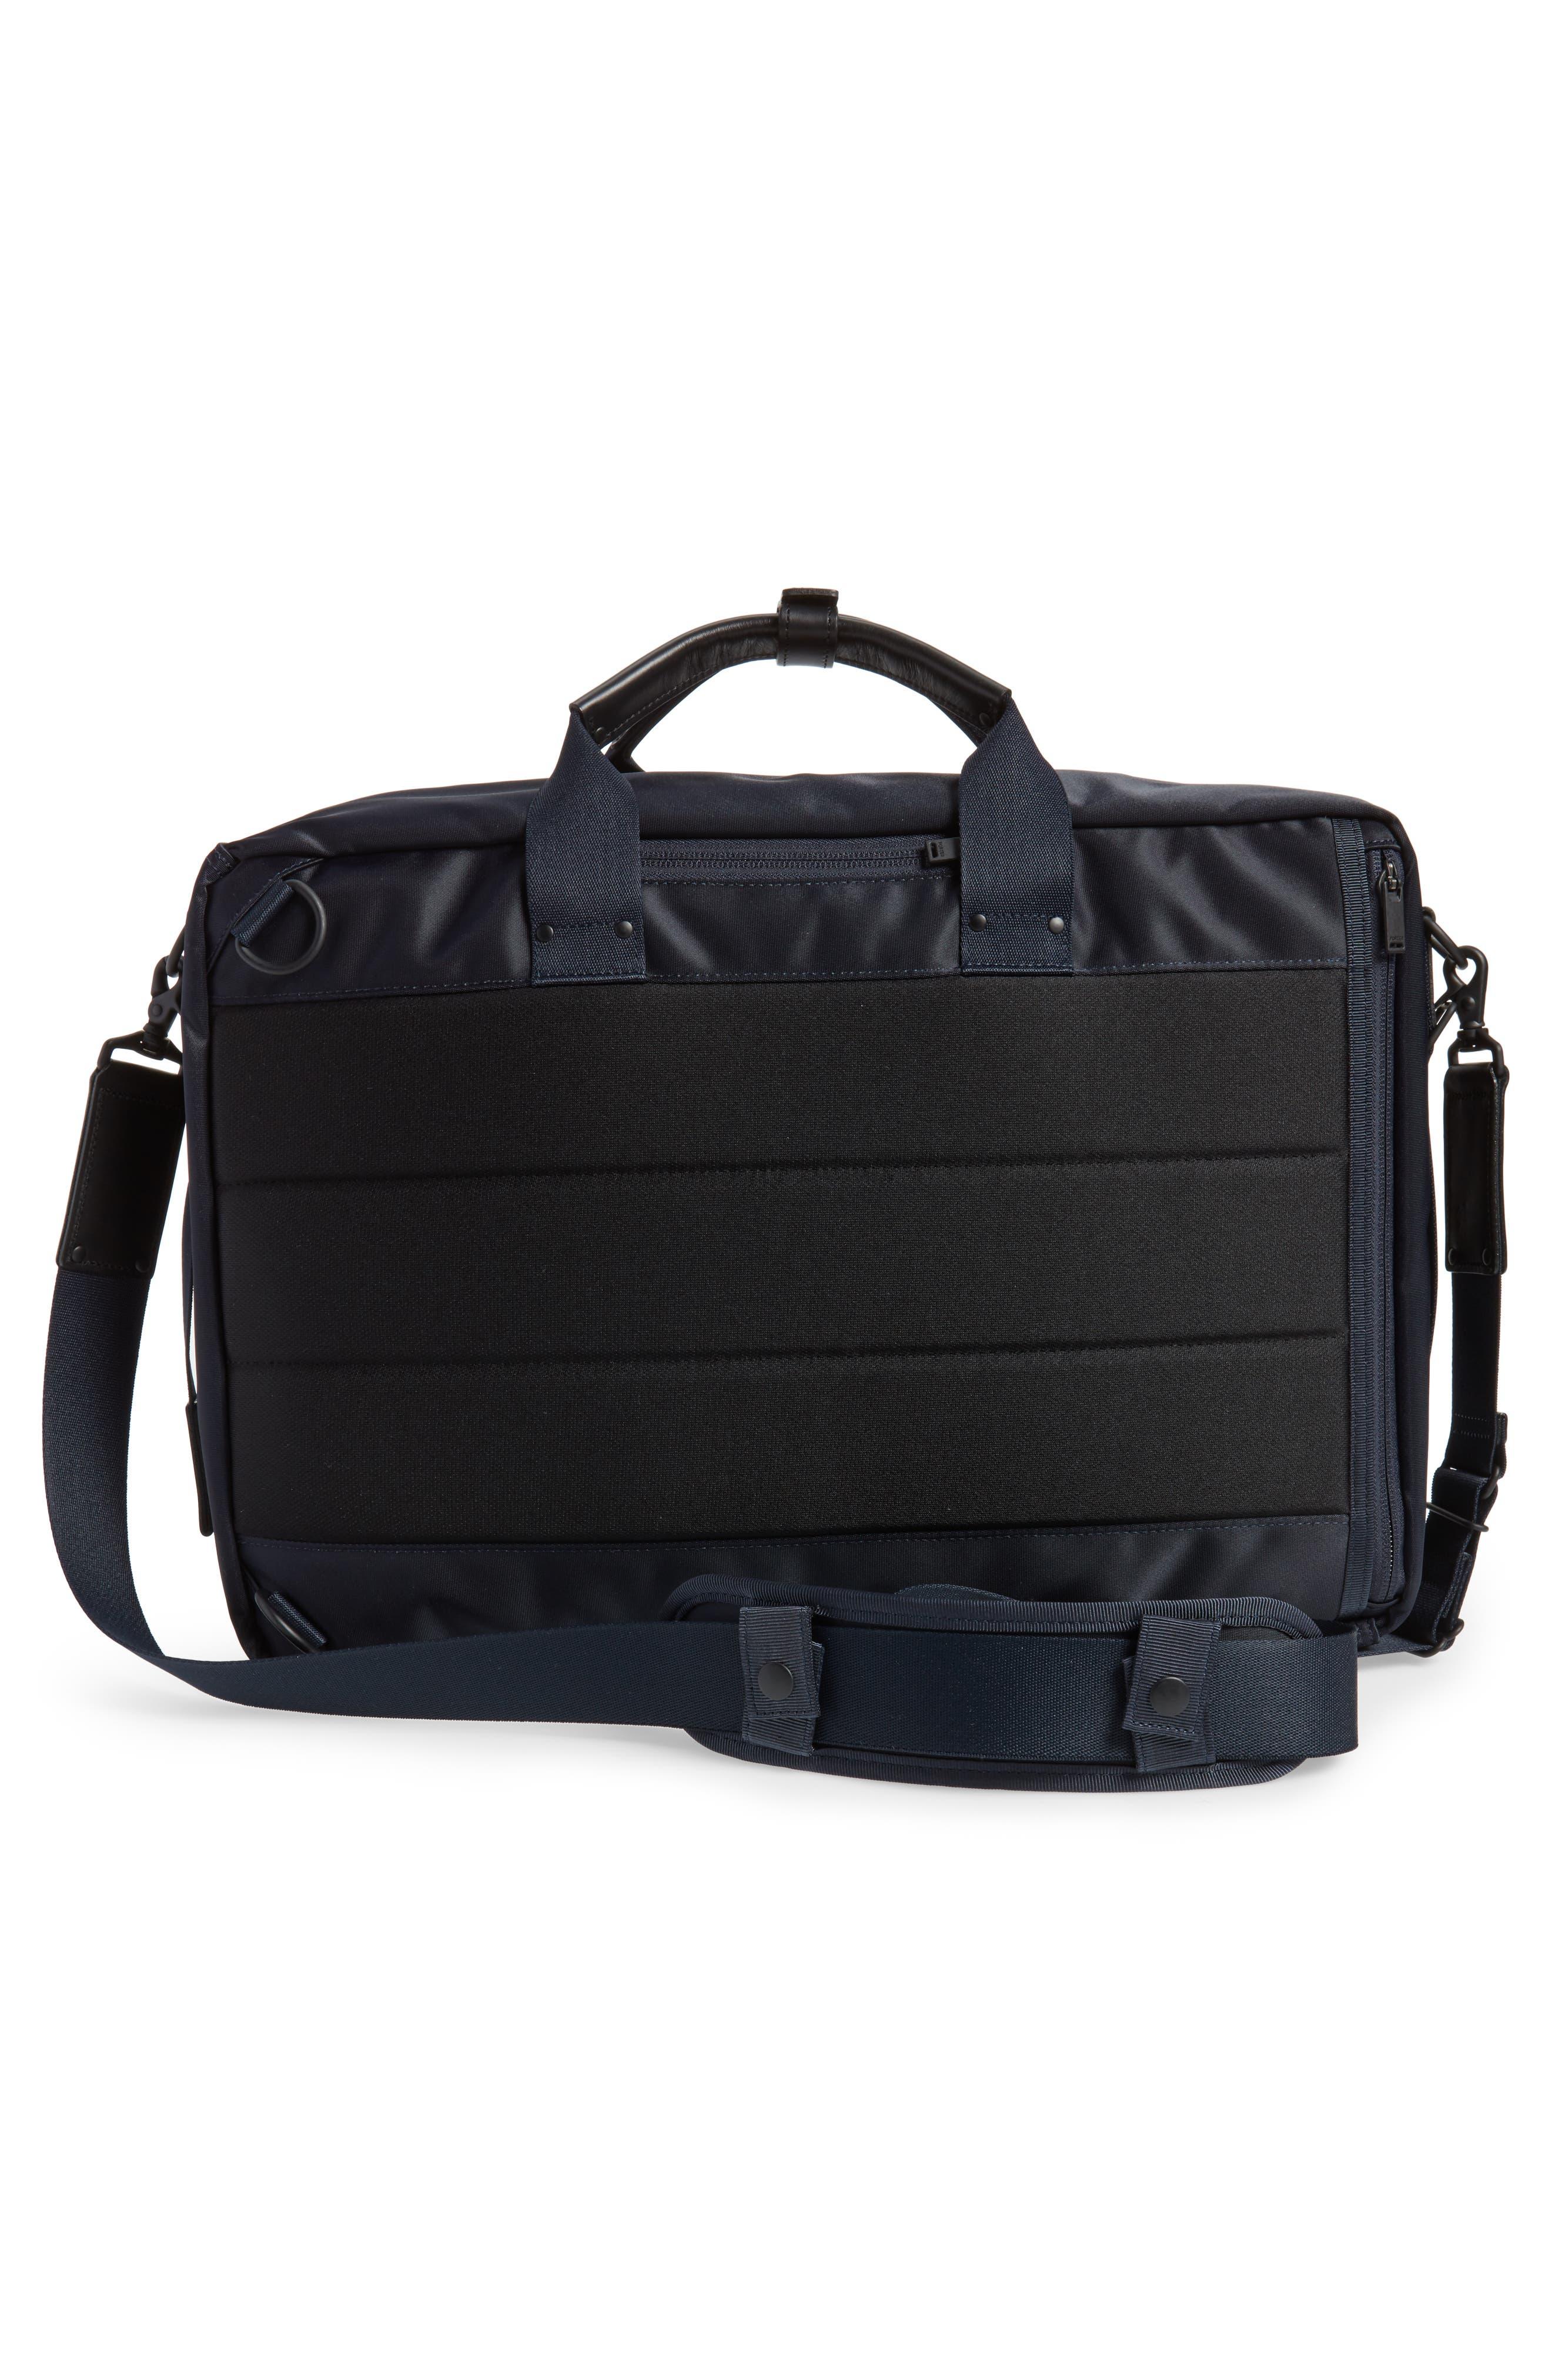 Porter-Yoshida & Co. Lift Convertible Briefcase,                             Alternate thumbnail 4, color,                             400